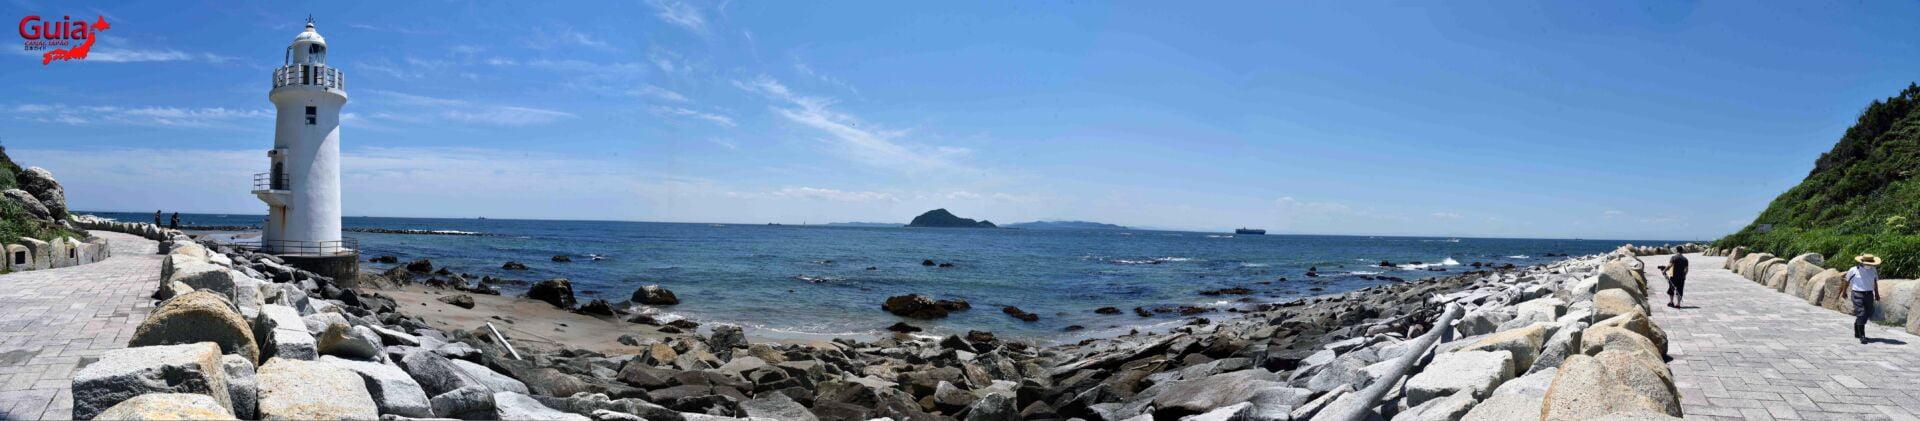 Praia Koijigahama, Farol do cabo Irago, Santuário do Amor e a Pedra de Hiji 12